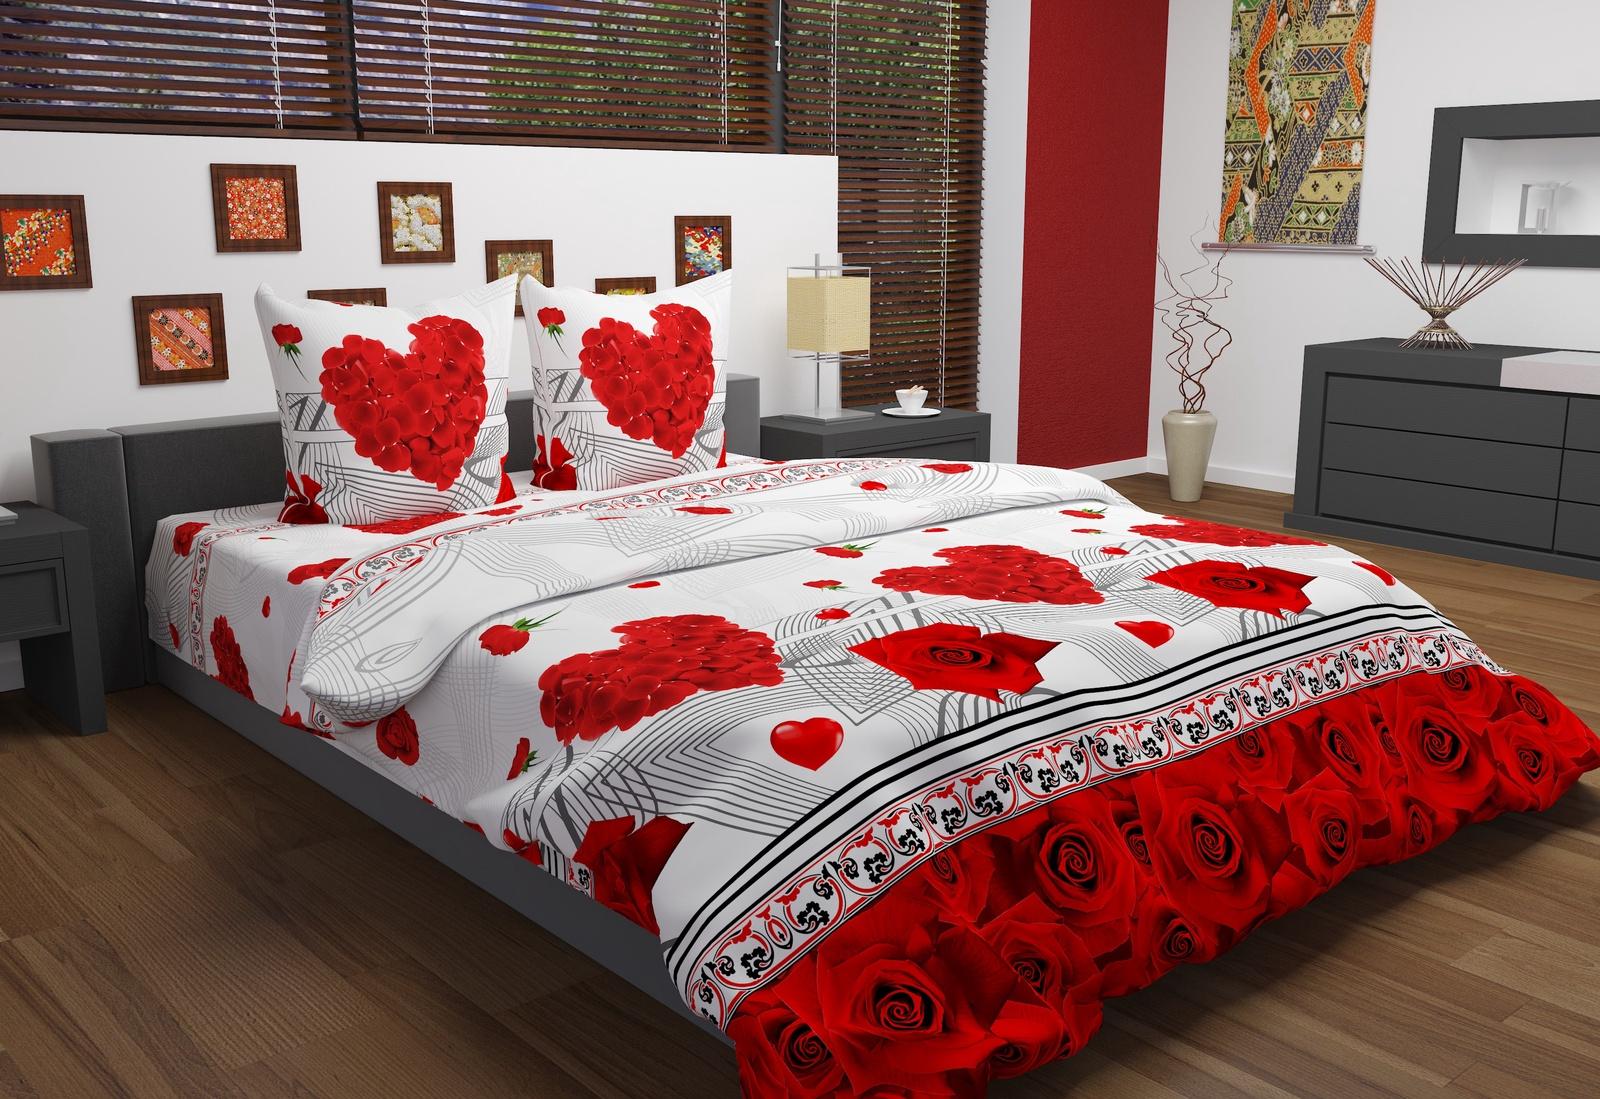 Комплект постельного белья Текстильная лавка Нежность комплект белья детский тролли подружки 1 5 спальное наволочки 70 x 70 9023 1 9024 1